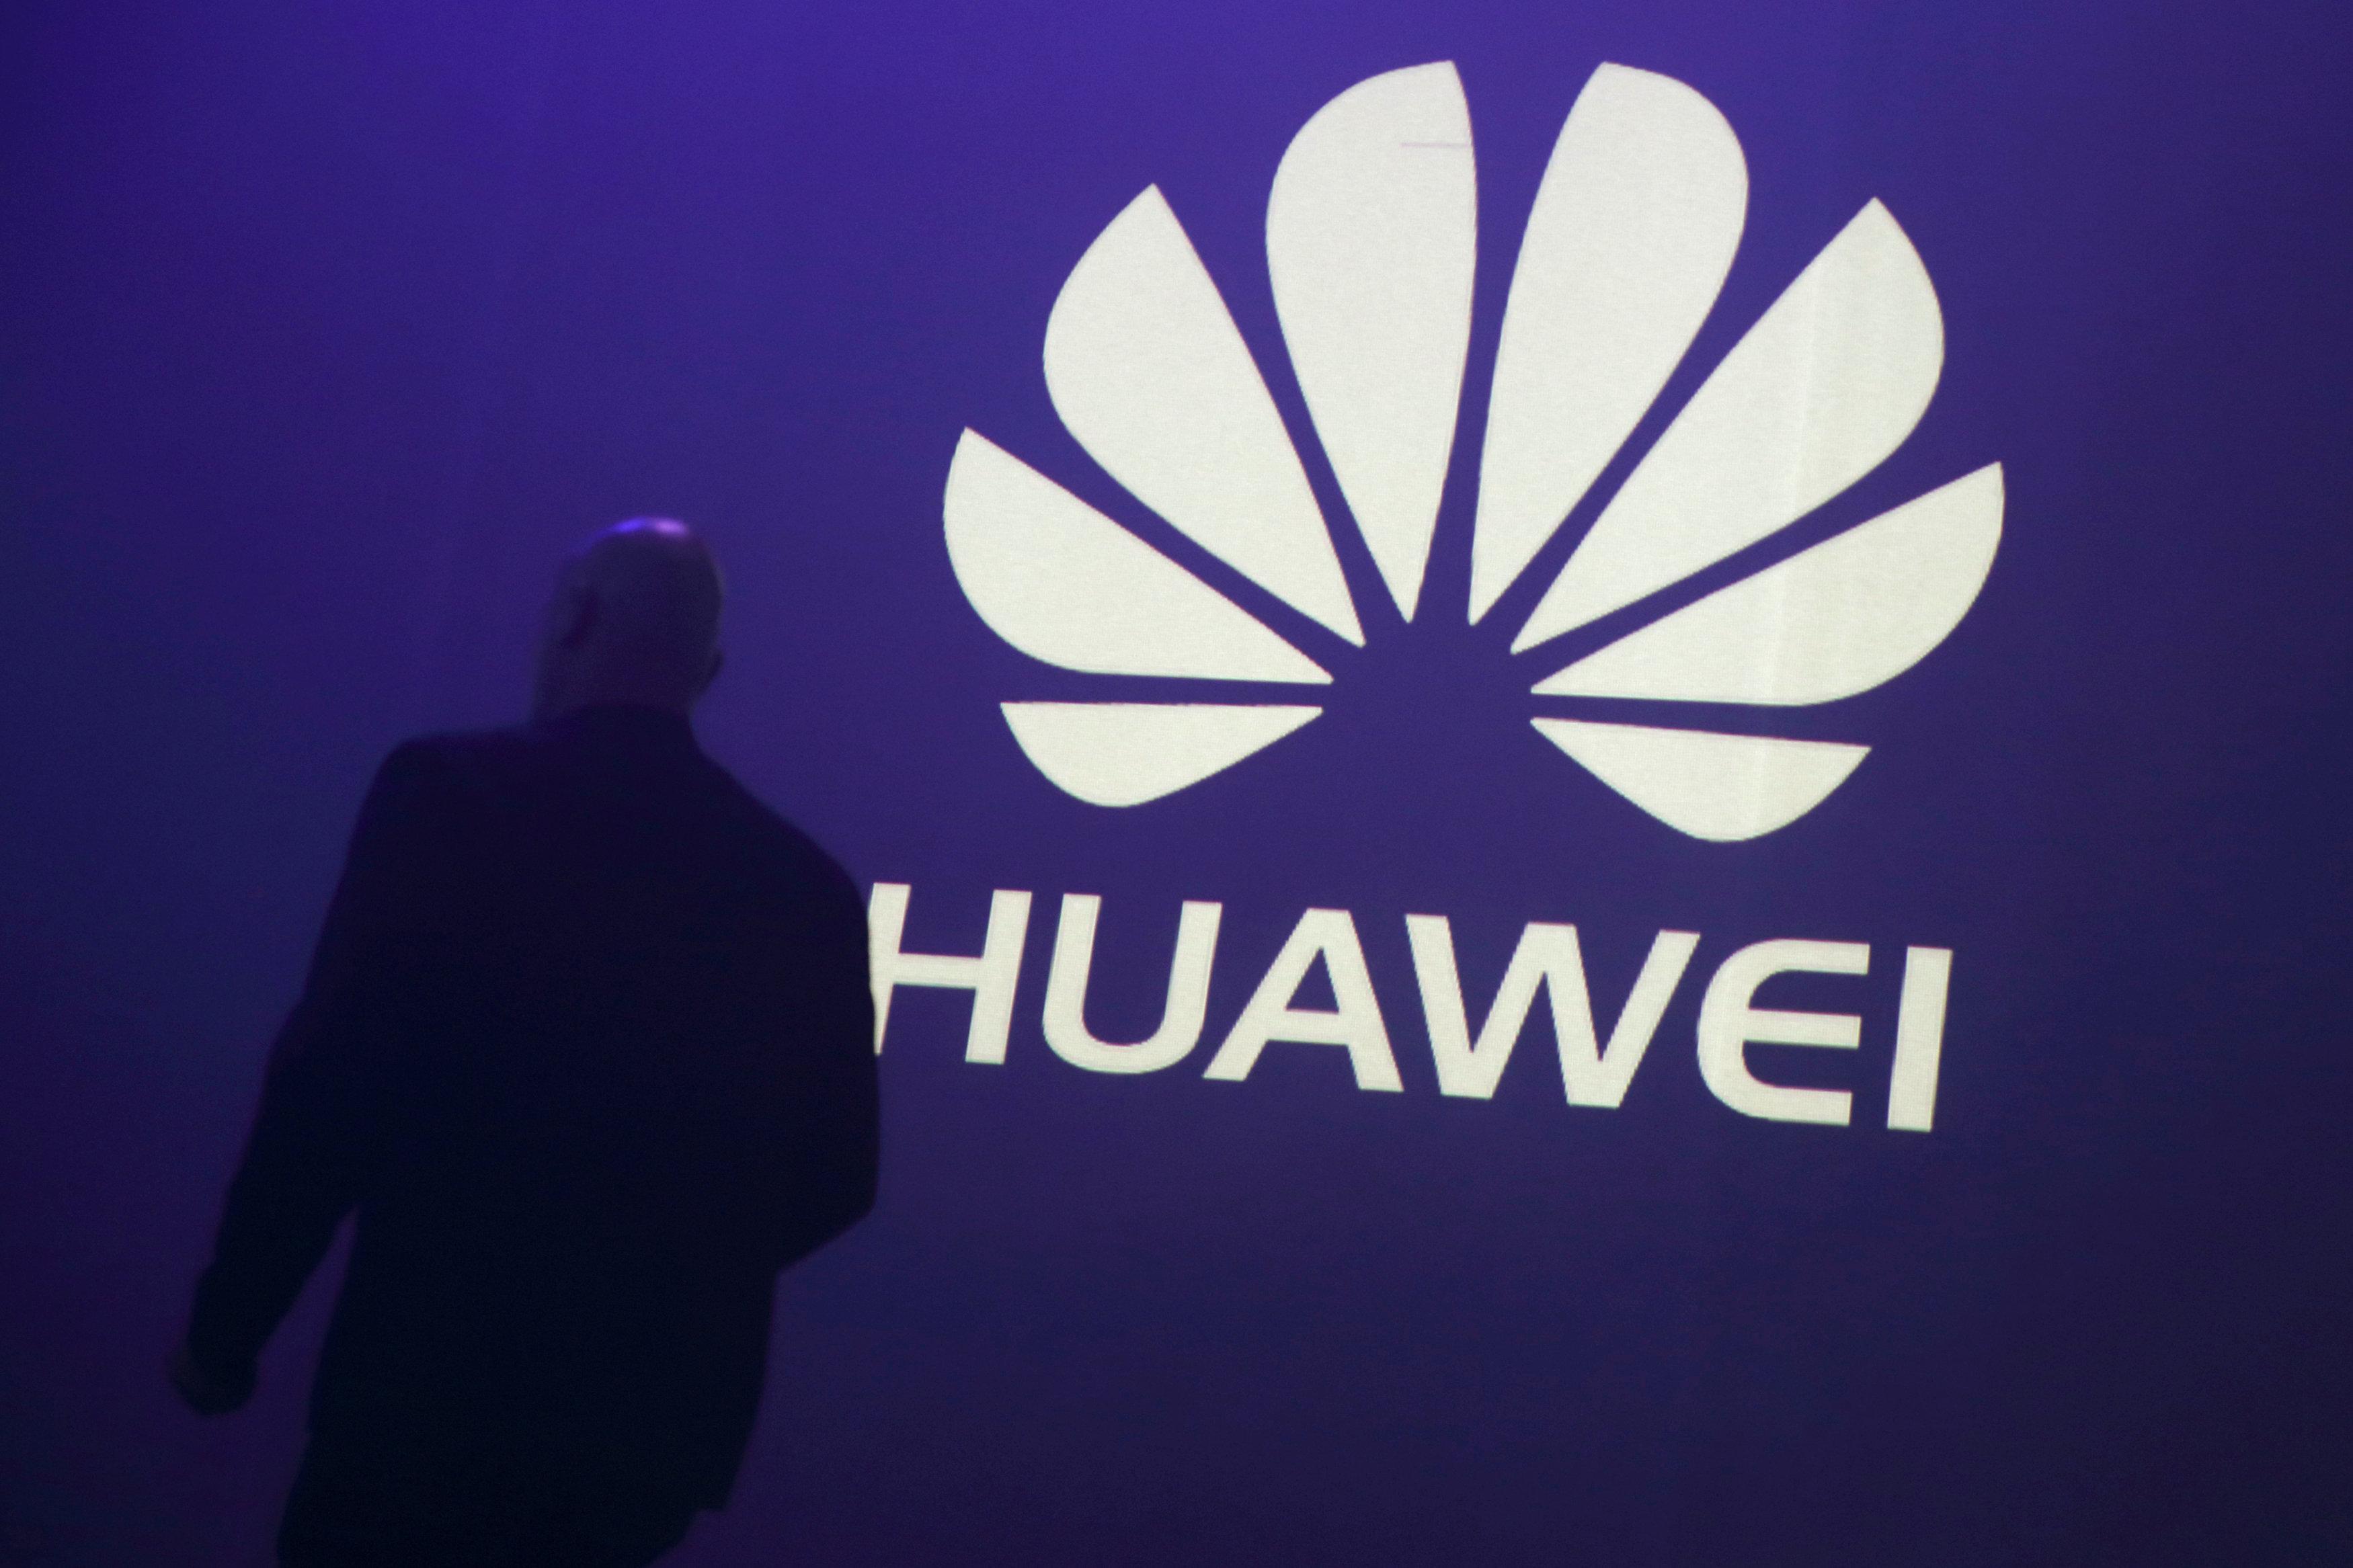 Китайский Huawei впервый раз опередил Apple попродажам телефонов в Российской Федерации